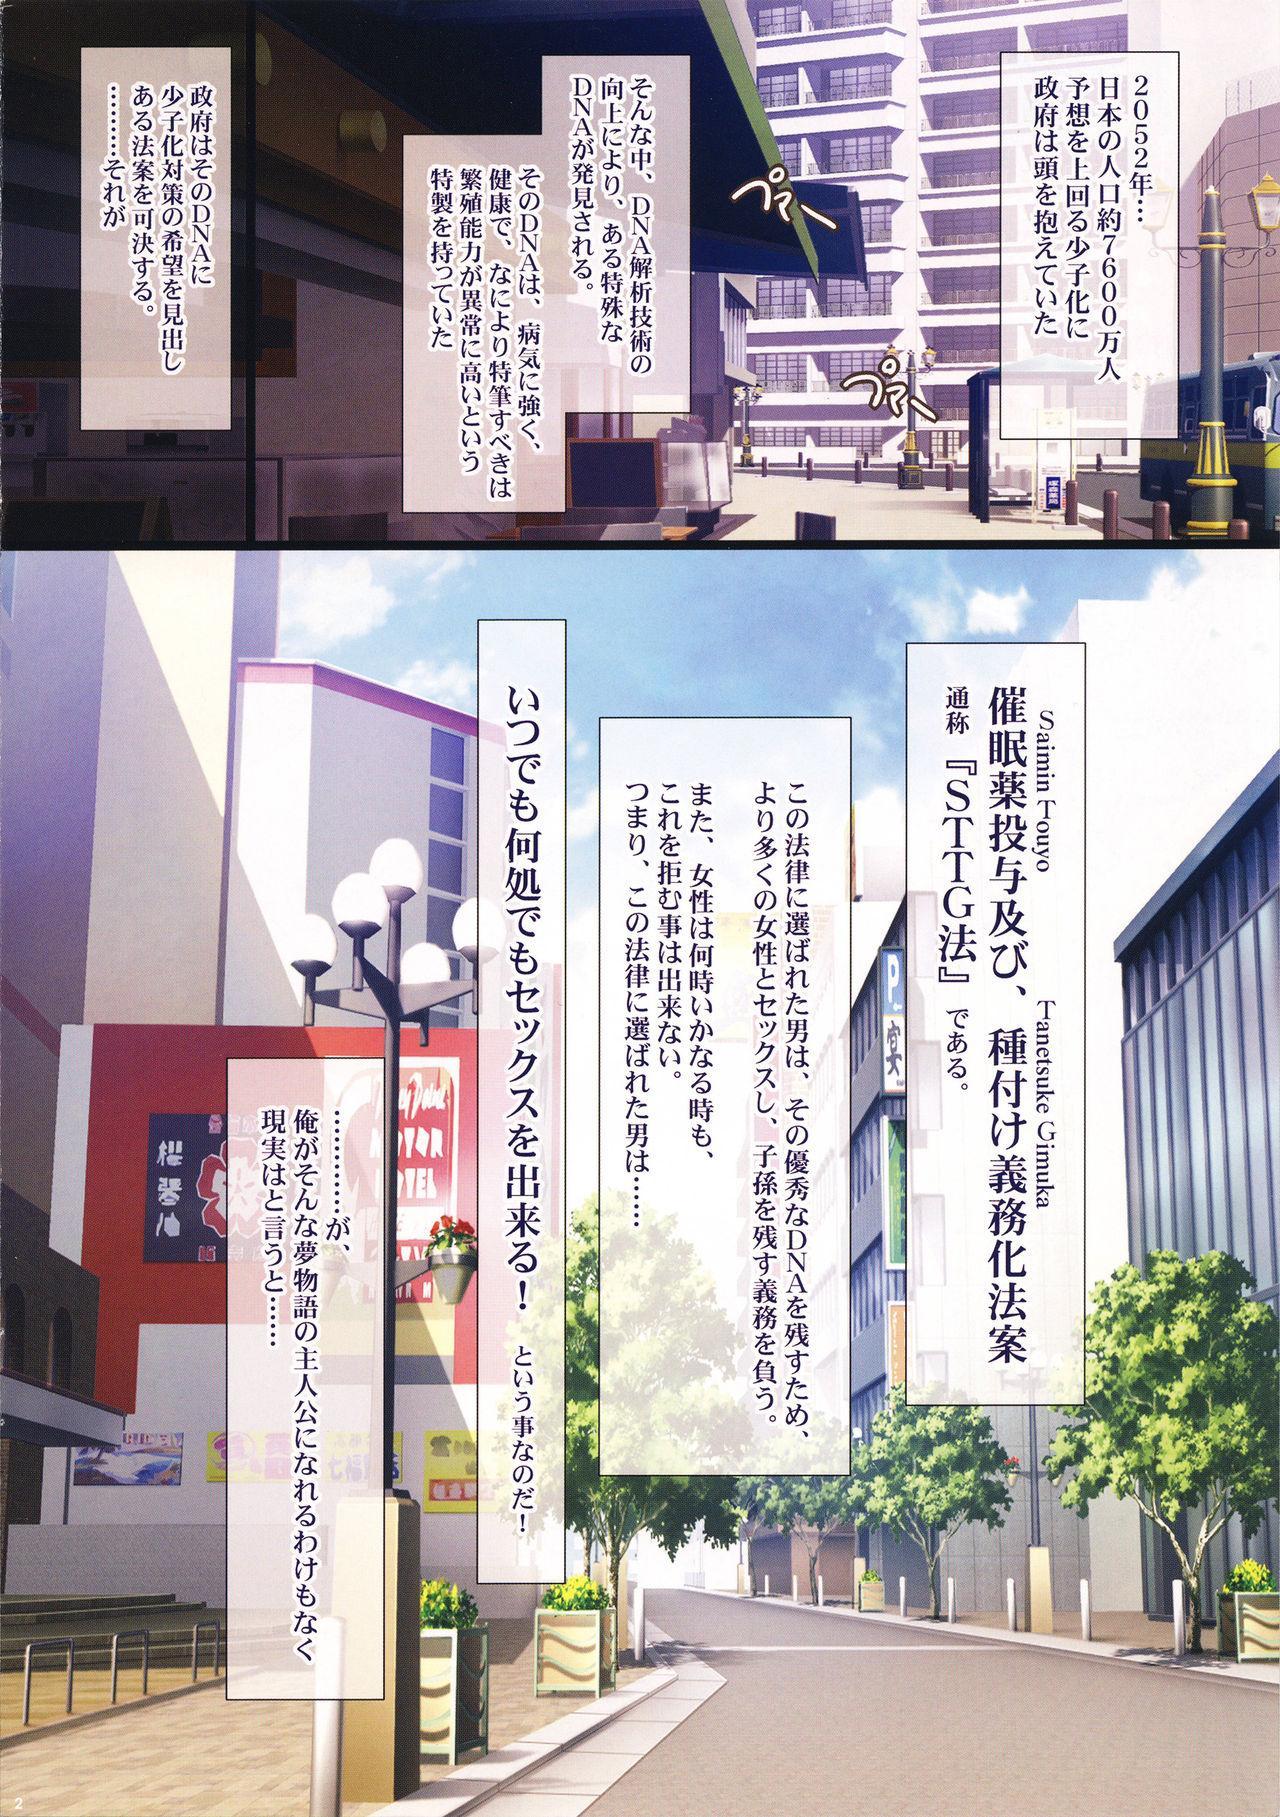 Shoushika Taisaku ni Yoru Tanetsuke Gimuka Houan 1